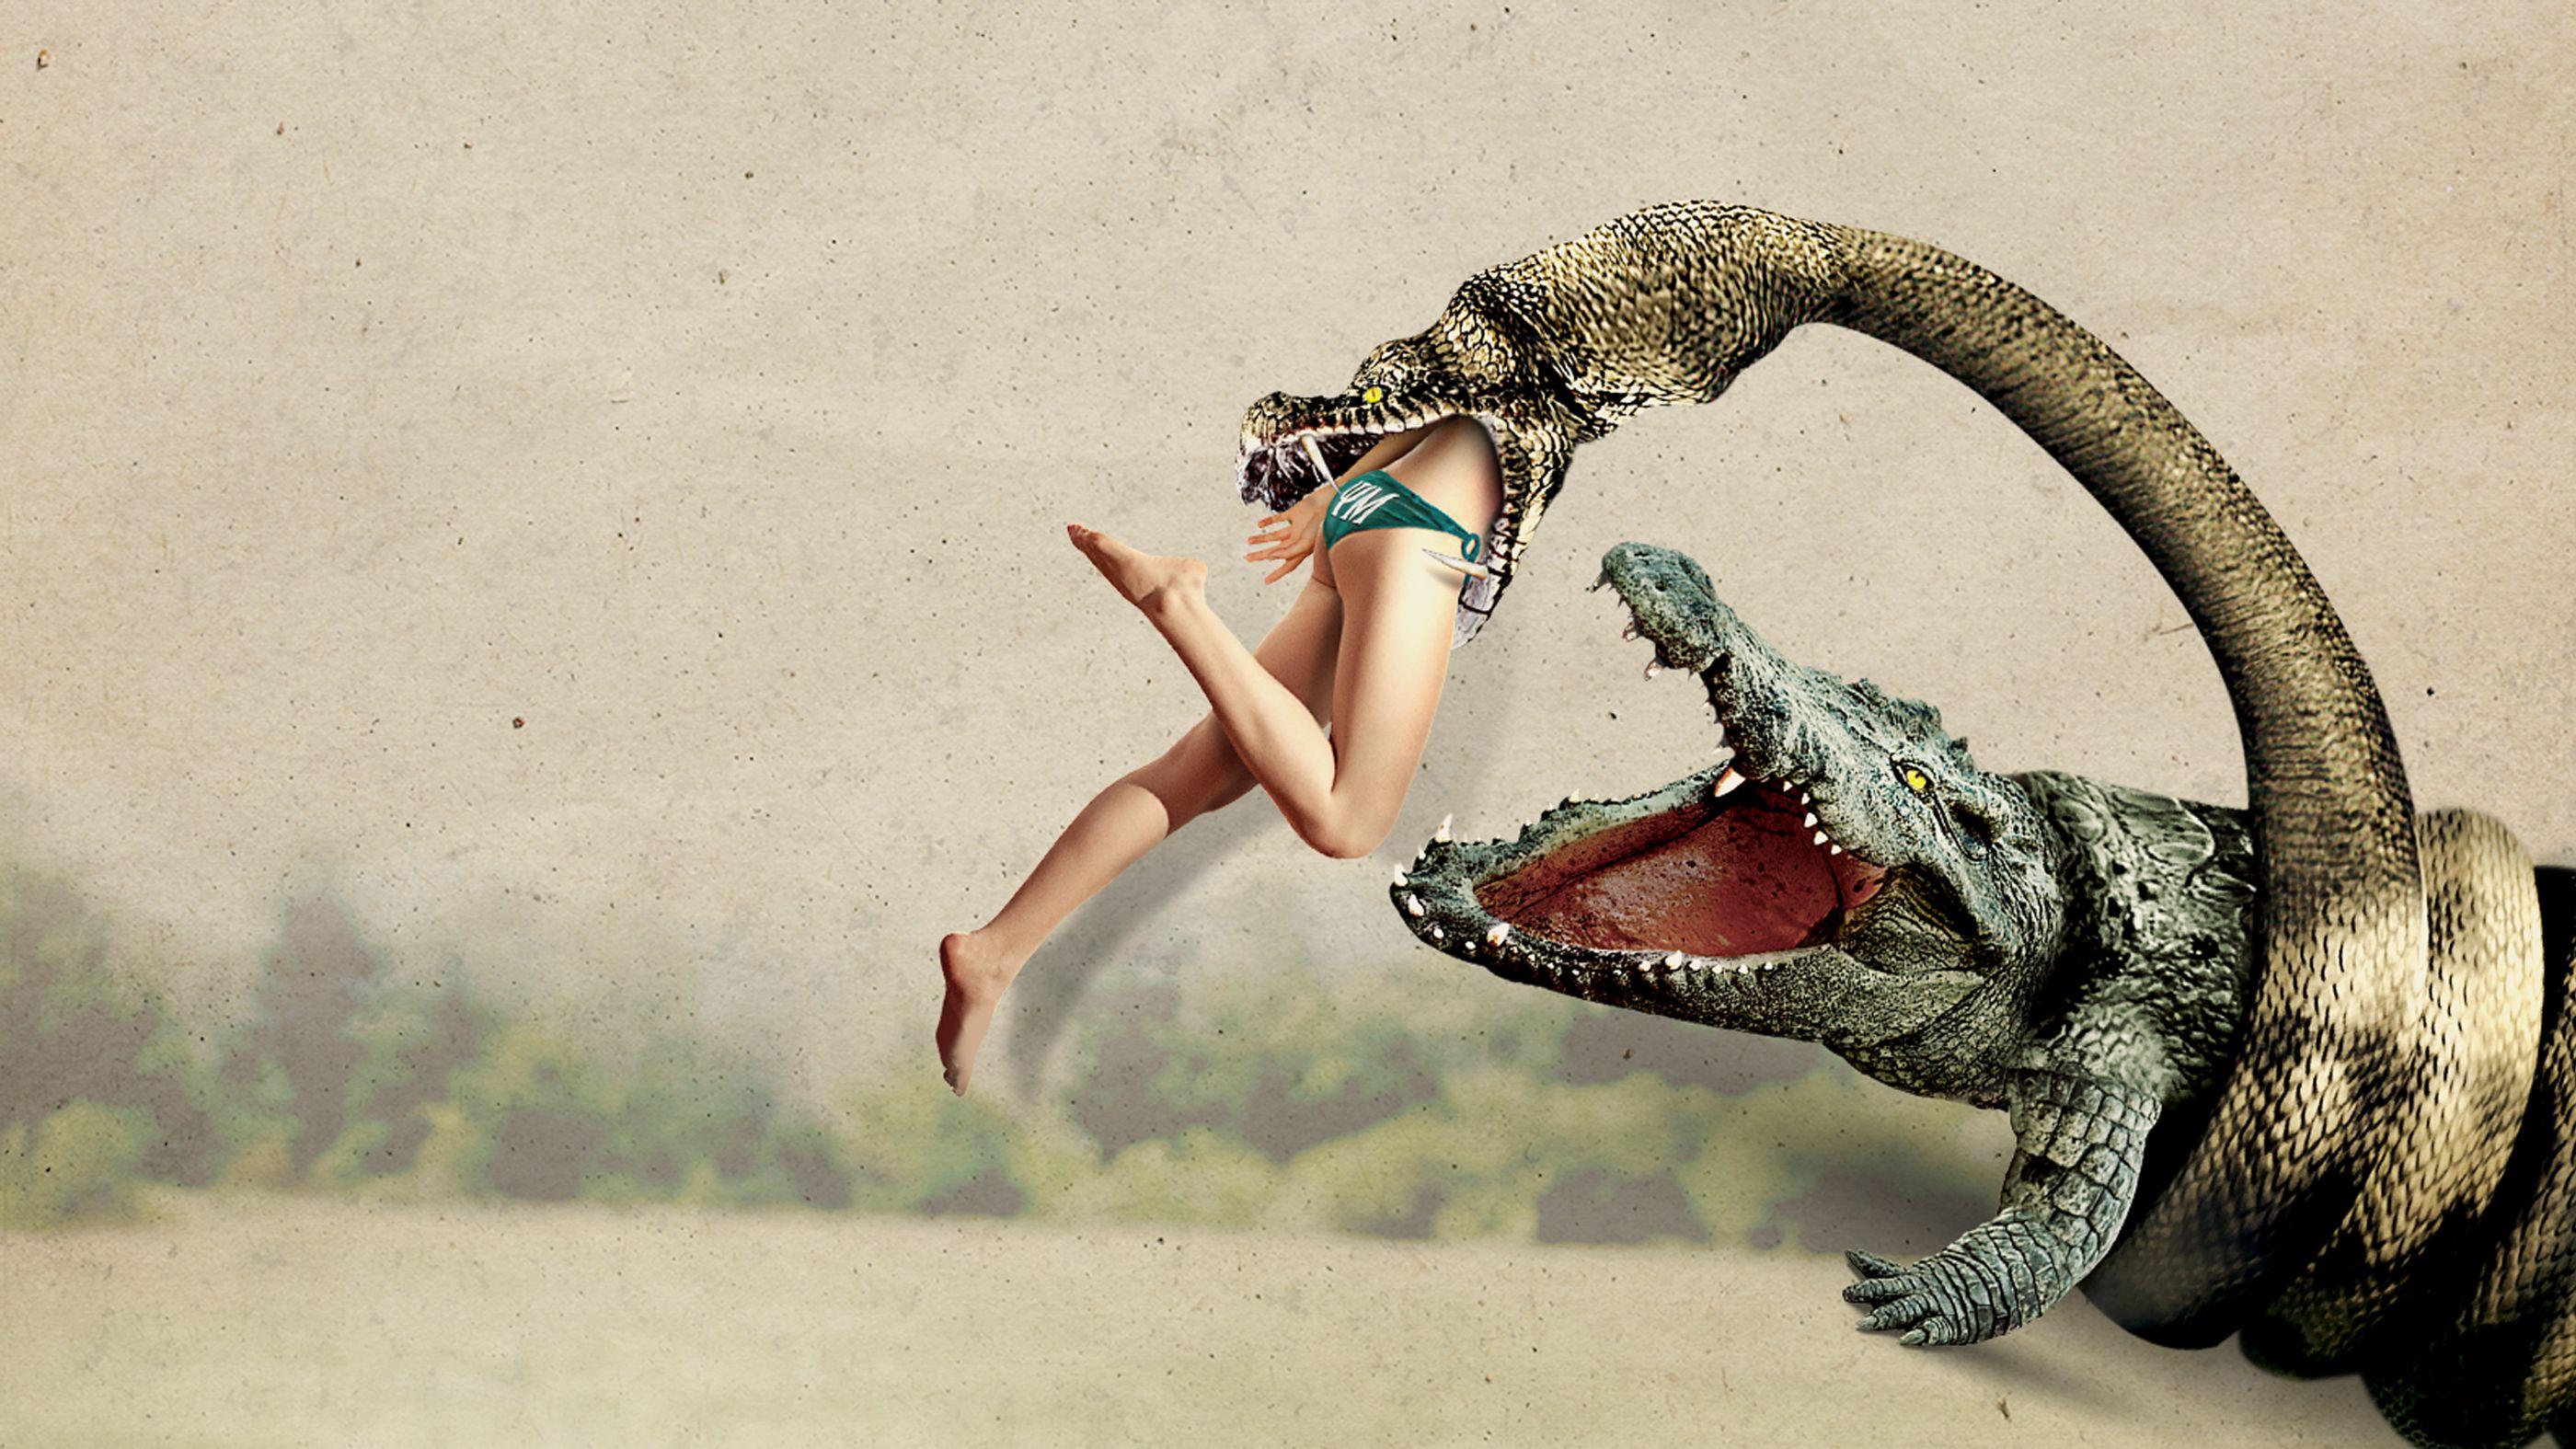 Anaconda Vs Lake Placid Full Movie lake placid vs. anaconda trailer